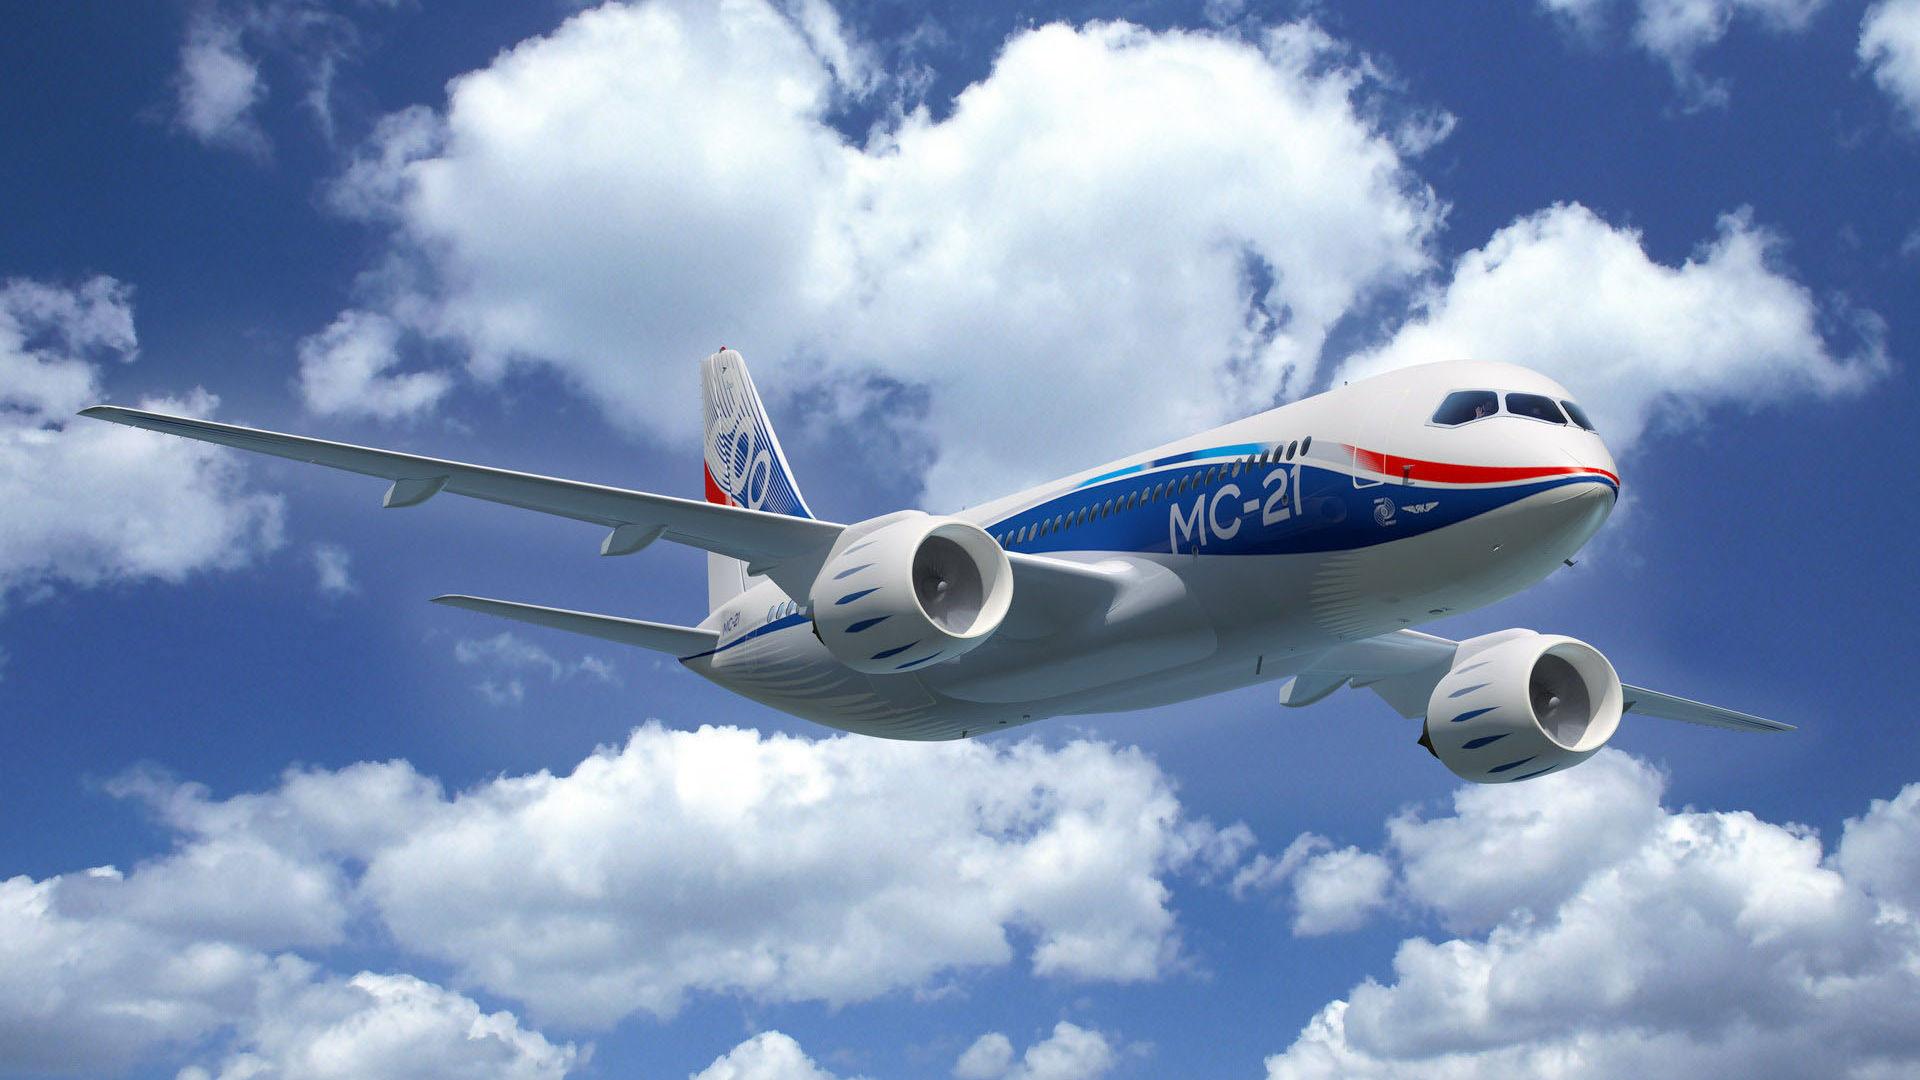 Прототип русского самолета МС-21 проходит тестирования